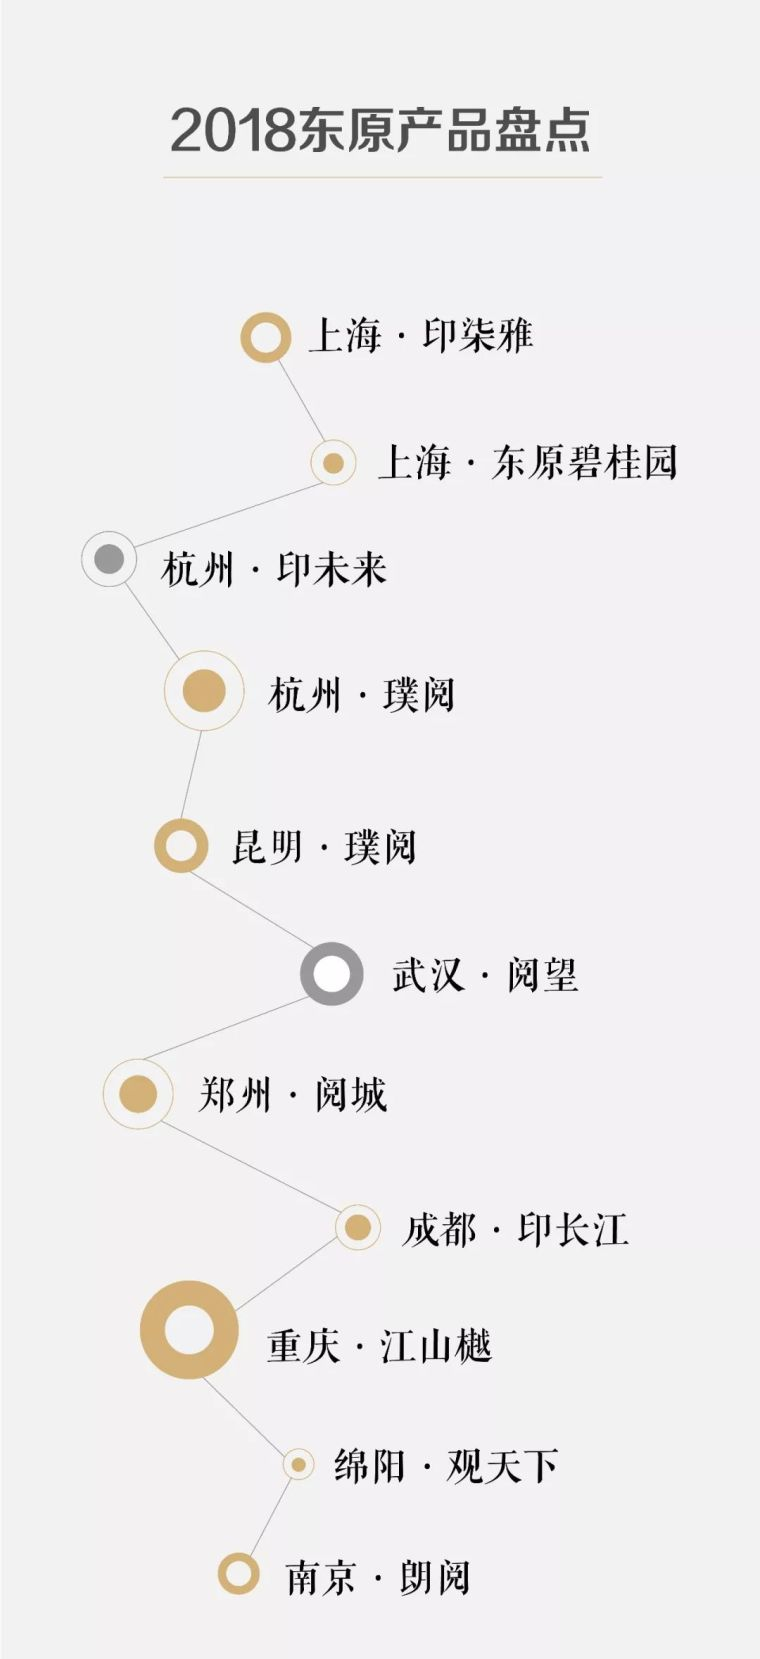 东原11个高品质项目|2018年